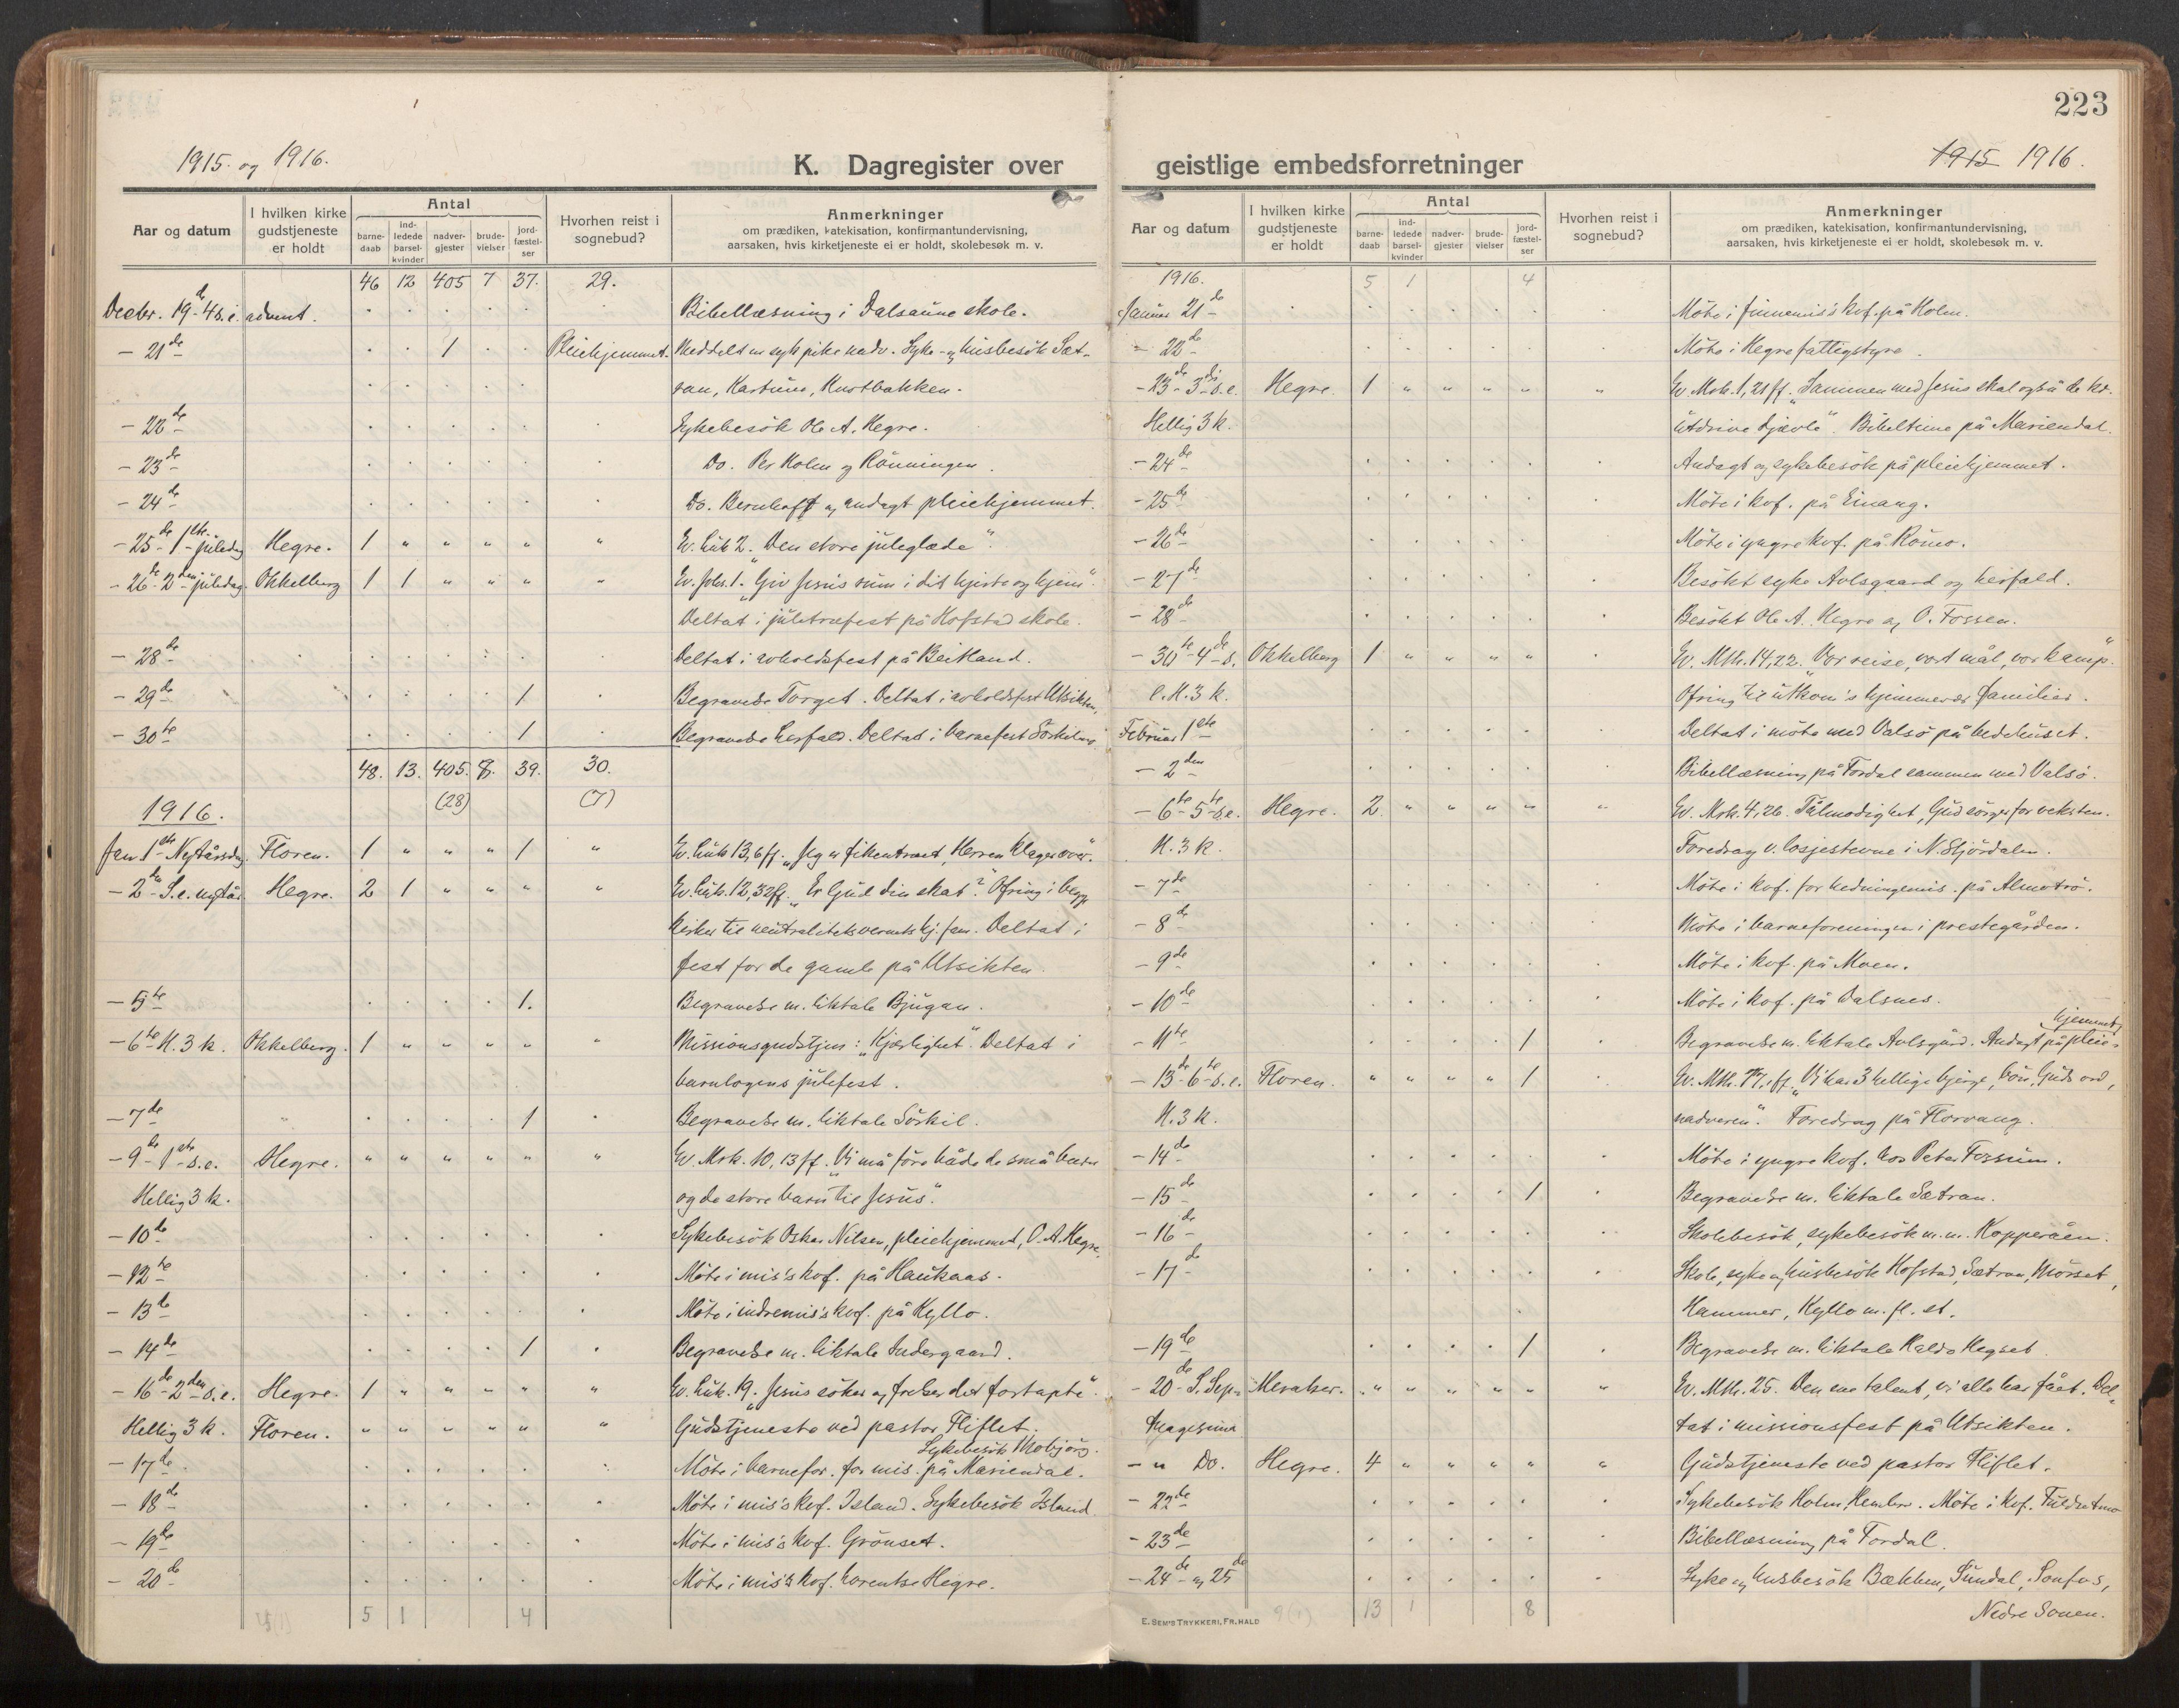 SAT, Ministerialprotokoller, klokkerbøker og fødselsregistre - Nord-Trøndelag, 703/L0037: Parish register (official) no. 703A10, 1915-1932, p. 223